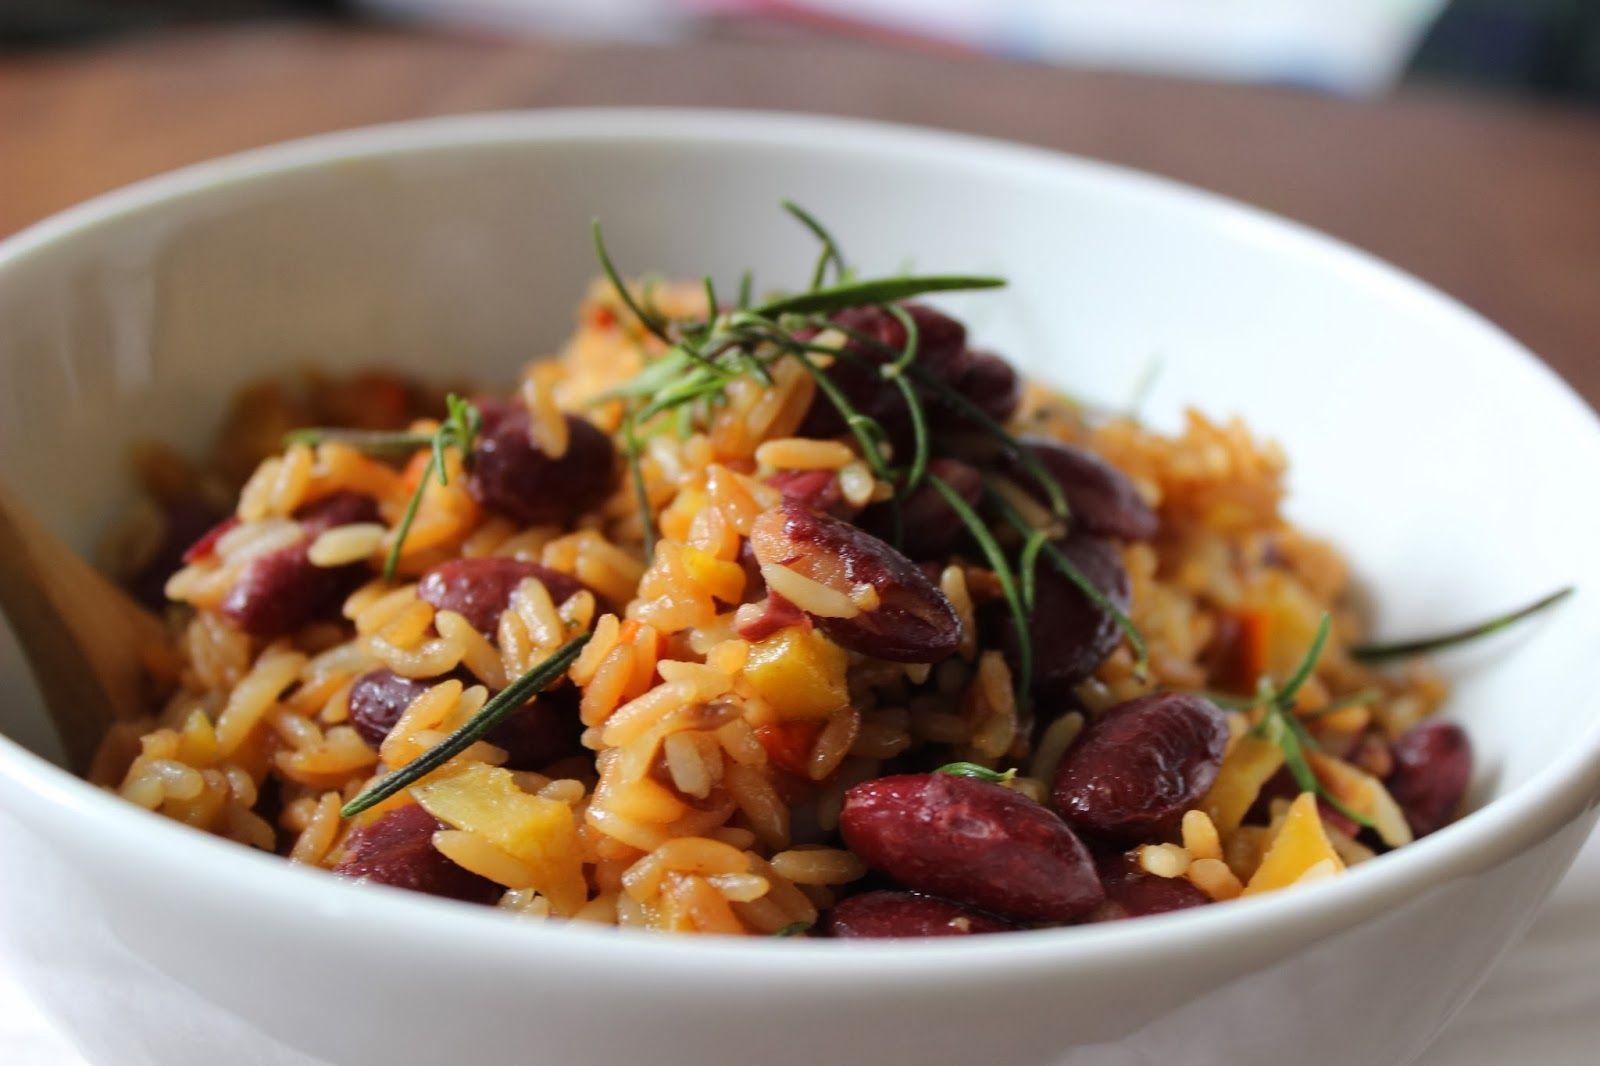 arroz, feijão. abóbora _ às nove no meu blog